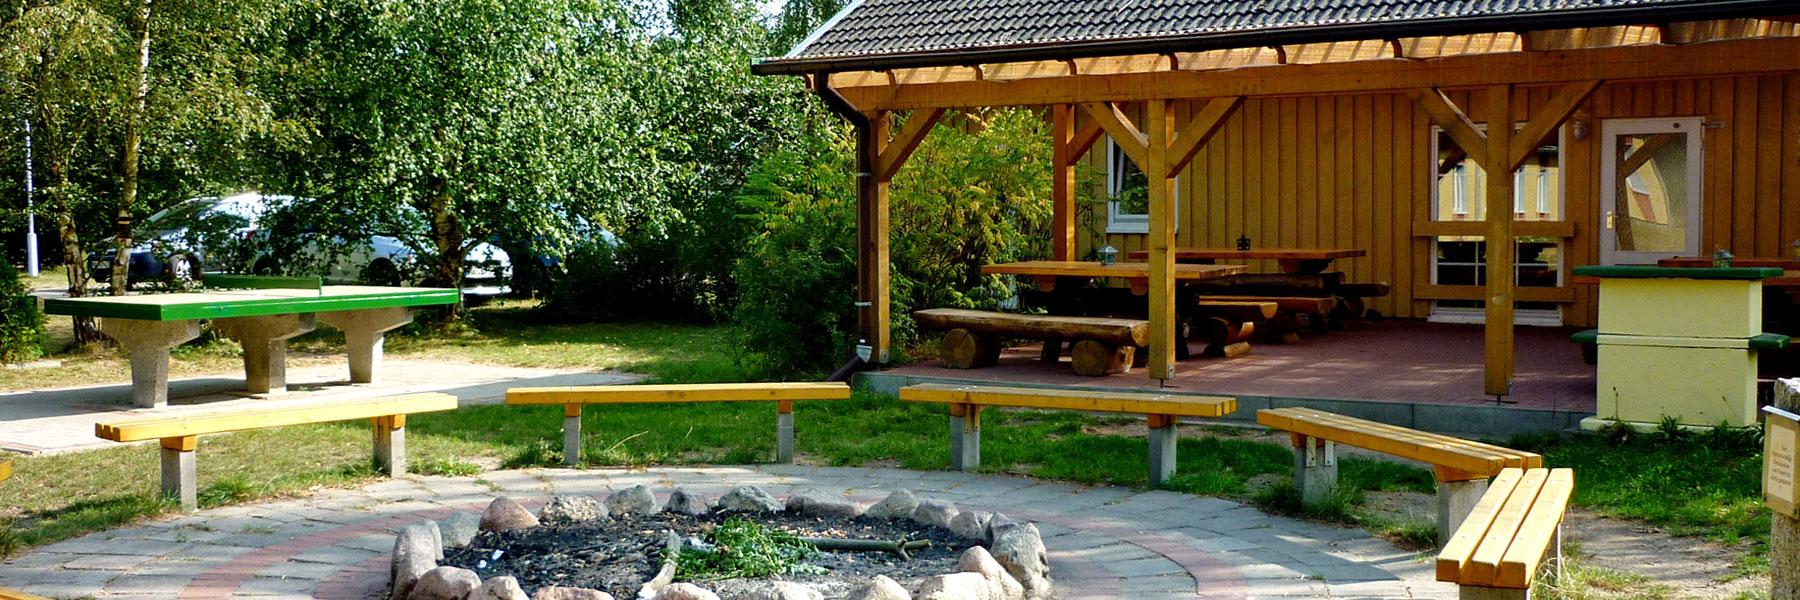 Feuerstelle - Waldhaus am Ferienpark